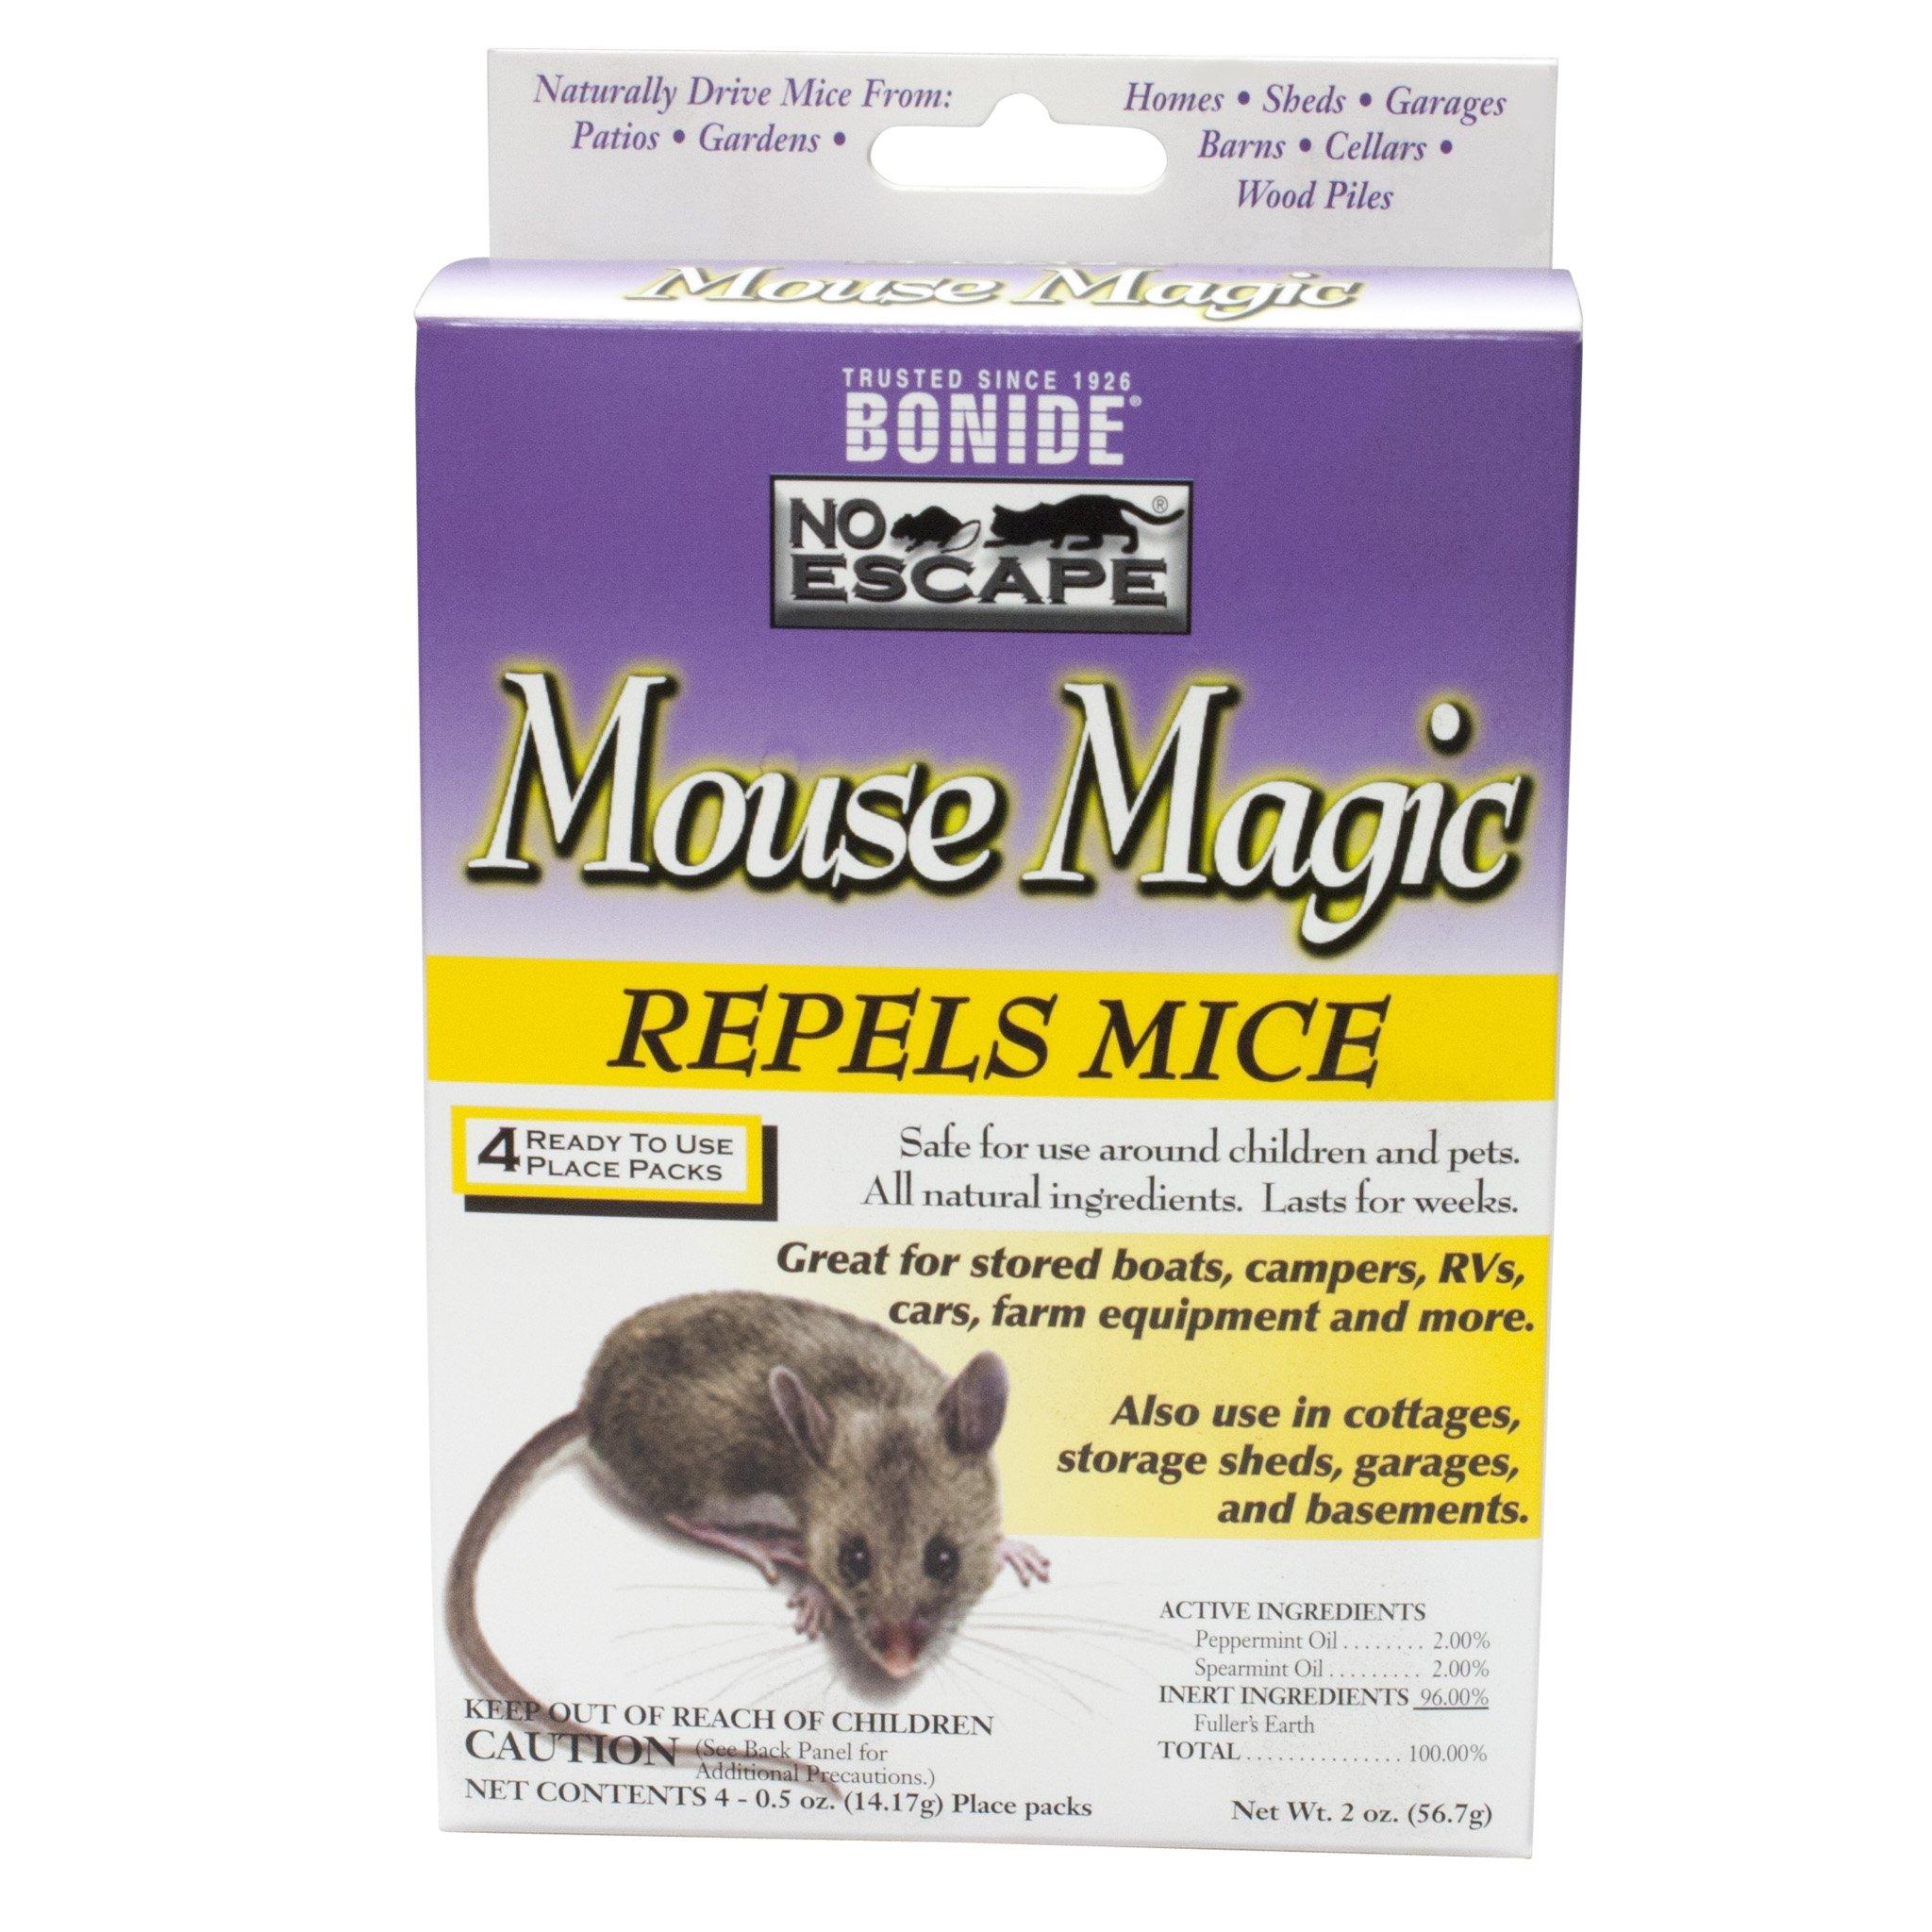 Bonide Mouse Magic - CASE (12 boxes of 4 place packs)